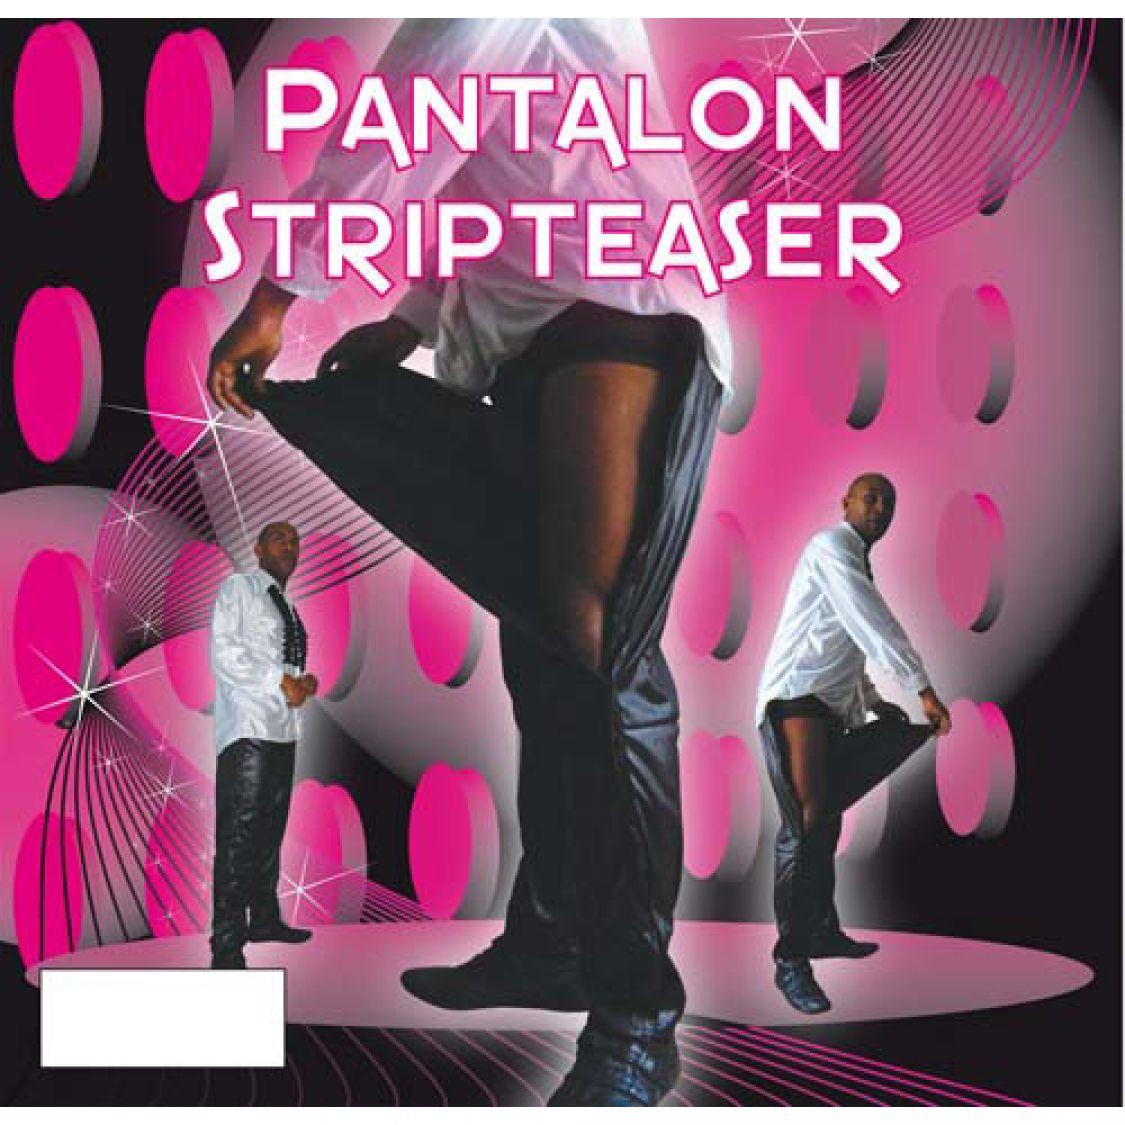 Déguisement Déguisement Pantalon Stripteaseur Homme Pantalon 40naqz